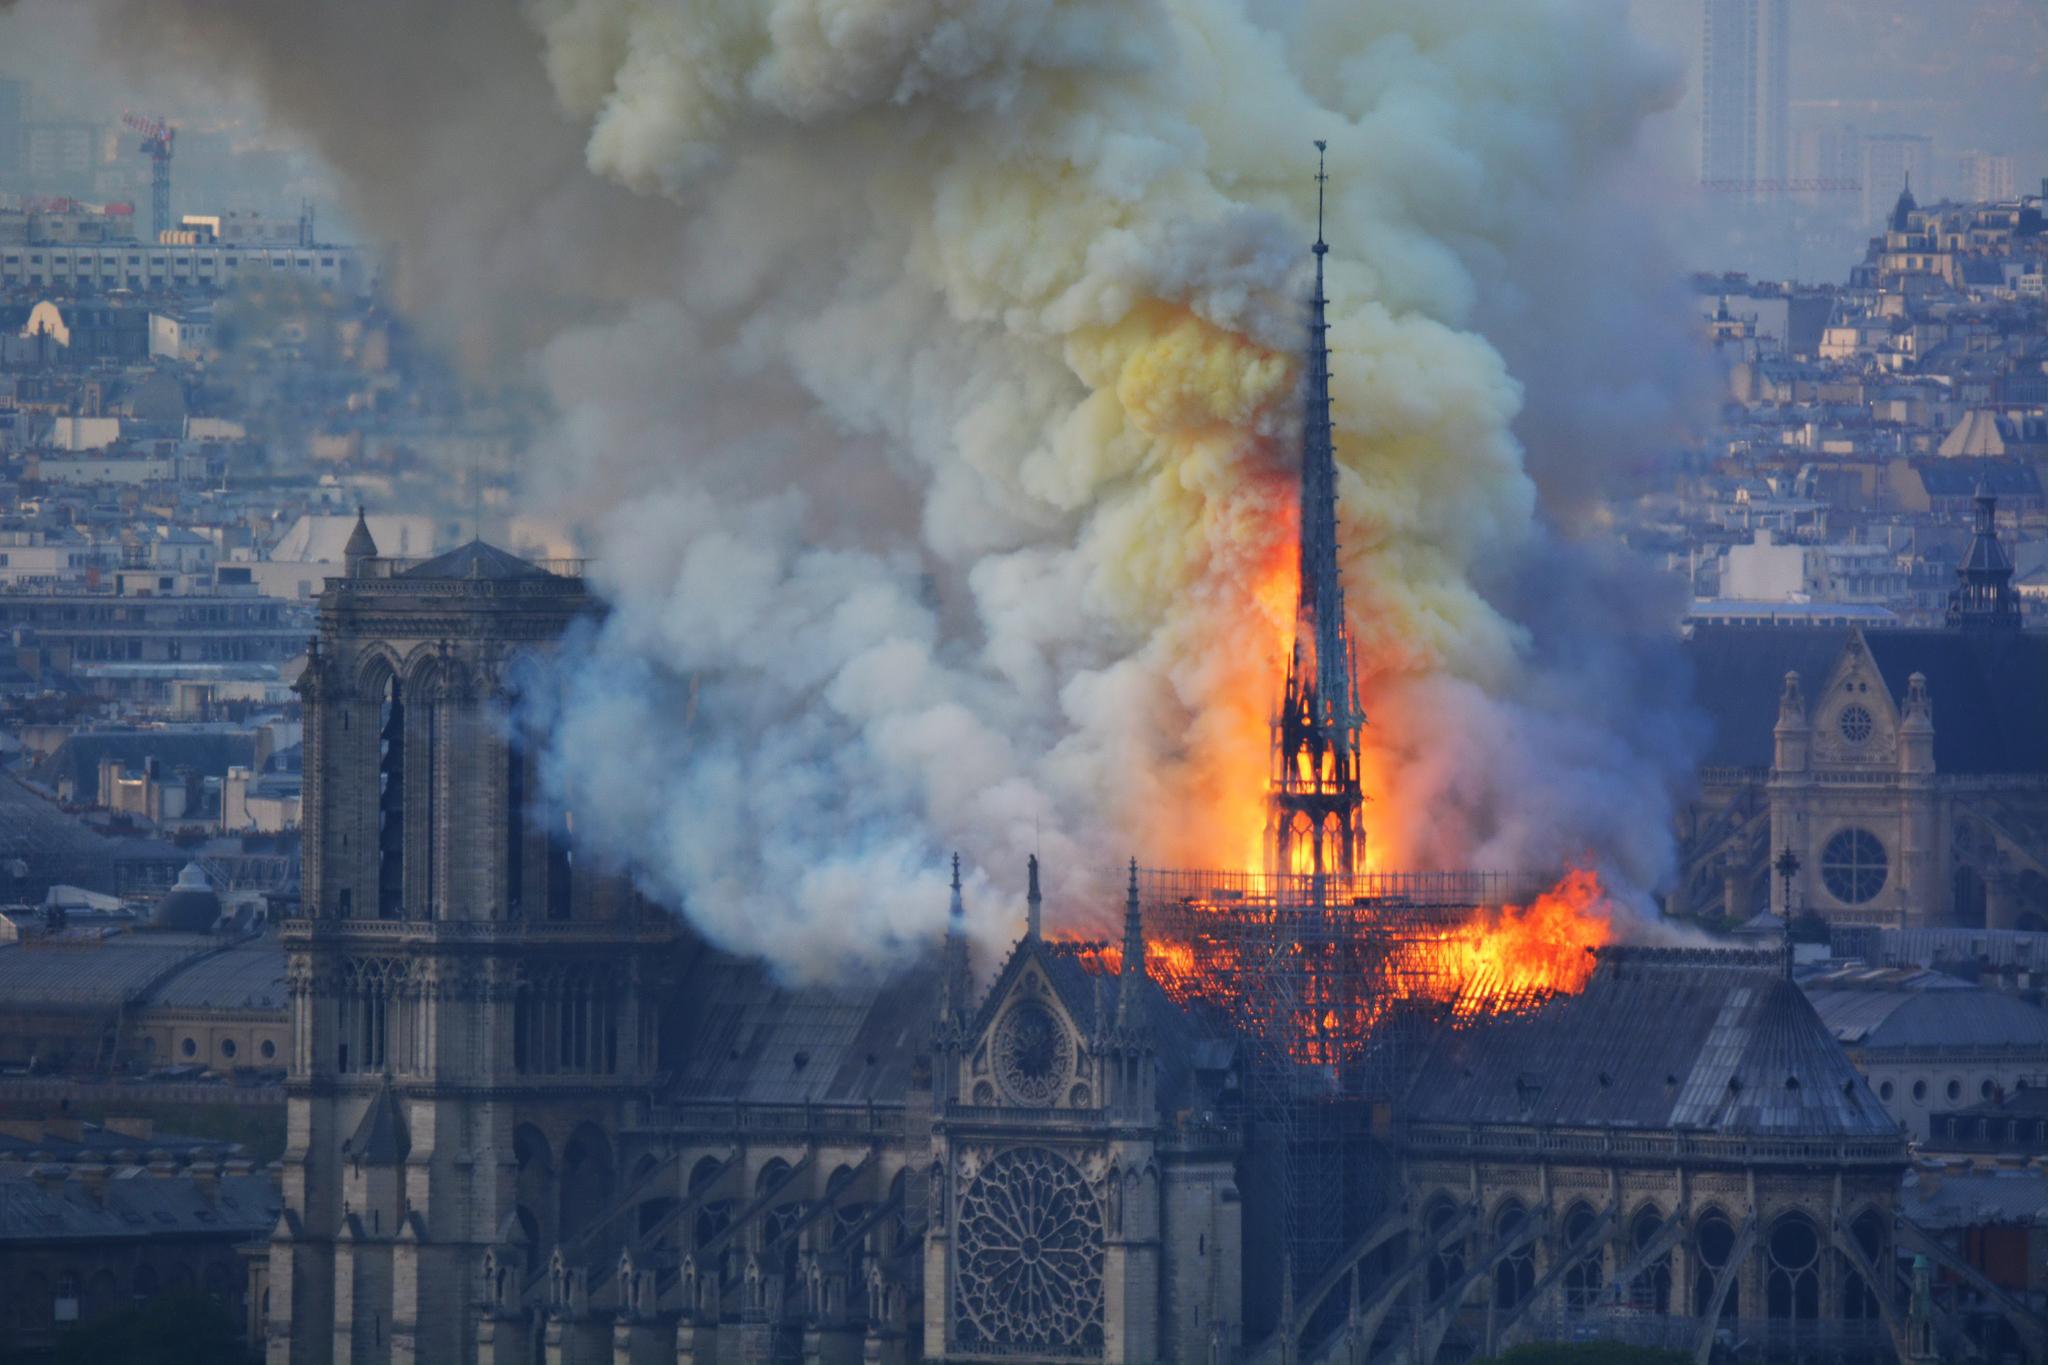 15일 화재가 발생한 파리 노트르담 성당에서 연기와 화염이 피어오르고 있다. [AFP=연합뉴스]